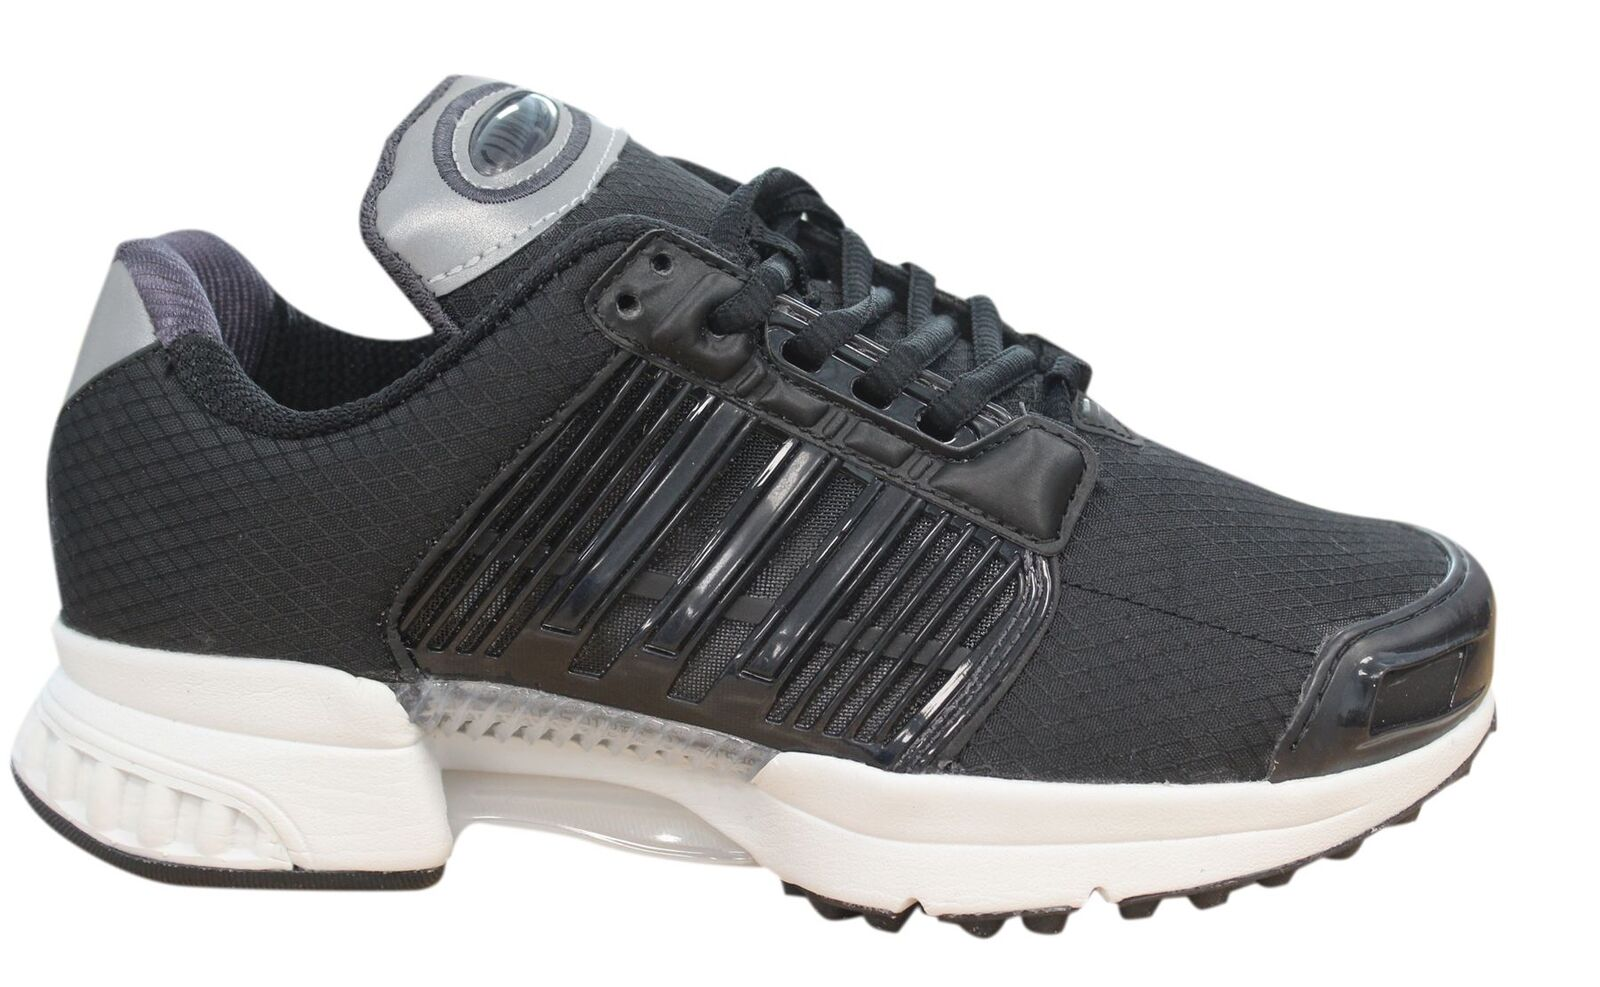 Adidas Originals hombre ClimaCool 1 con Cordones Negro Textil Para hombre Originals tenis BA7156 D91 8f1ac8